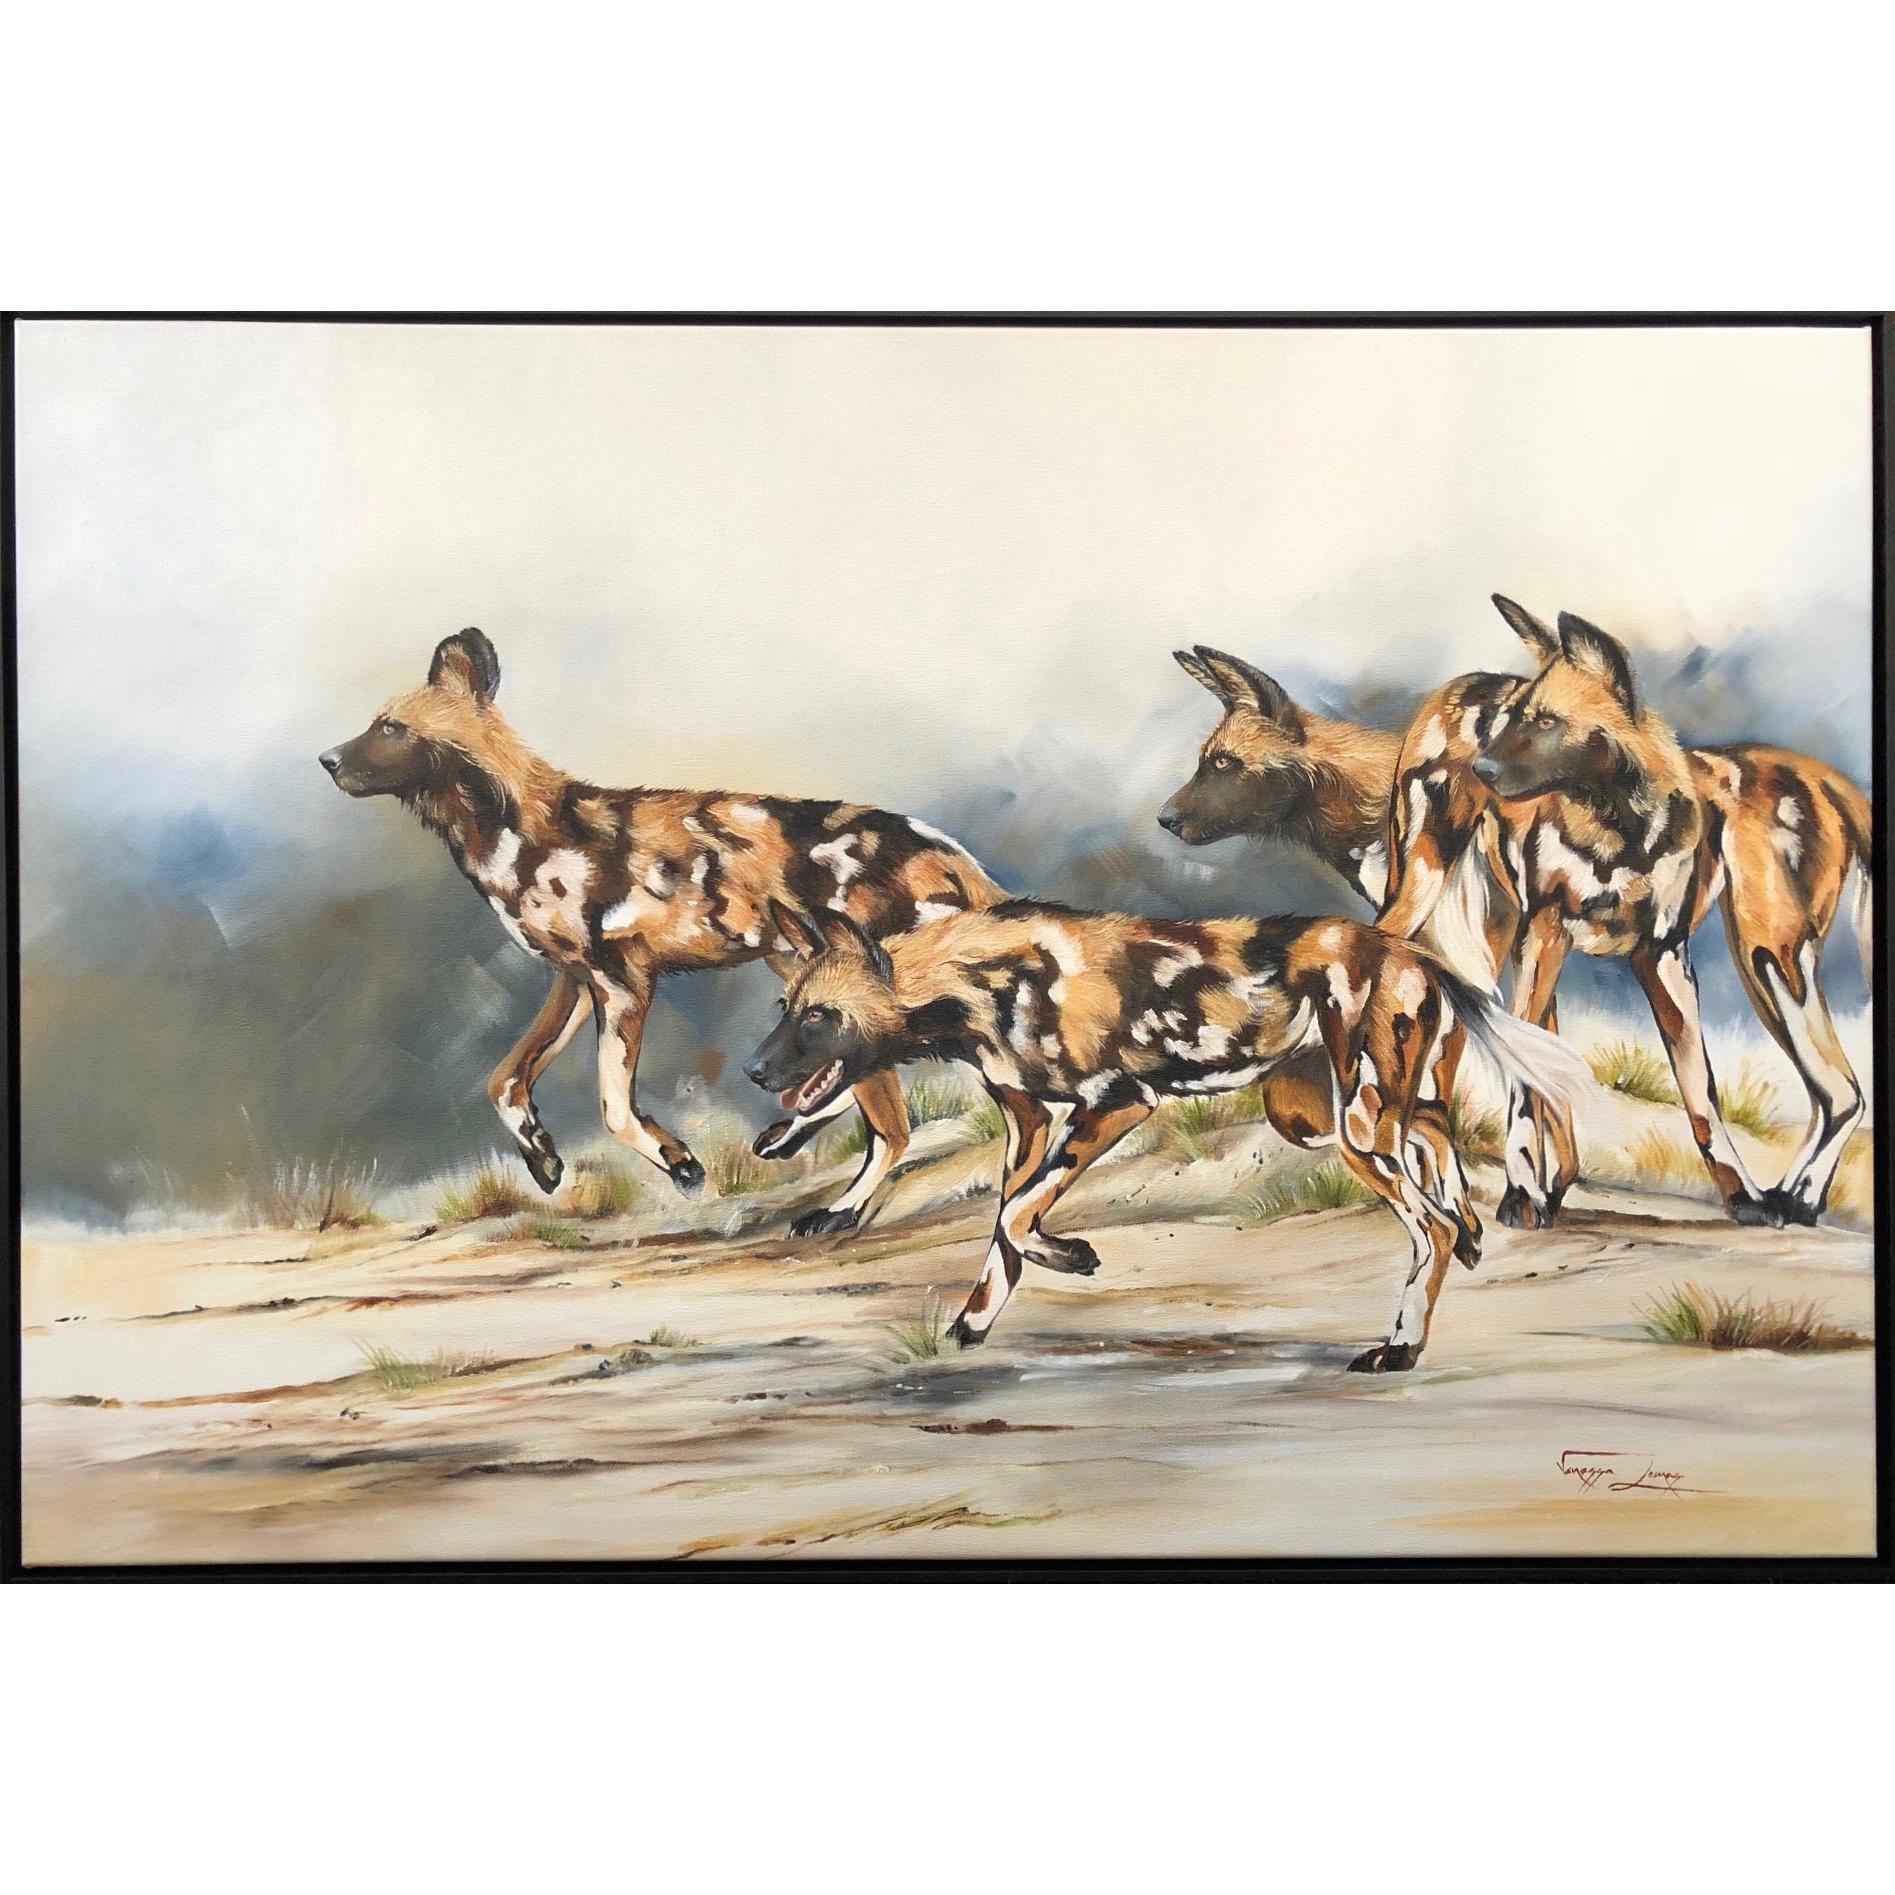 Vanessa Lomas schilderij 'Let the hunt begin'